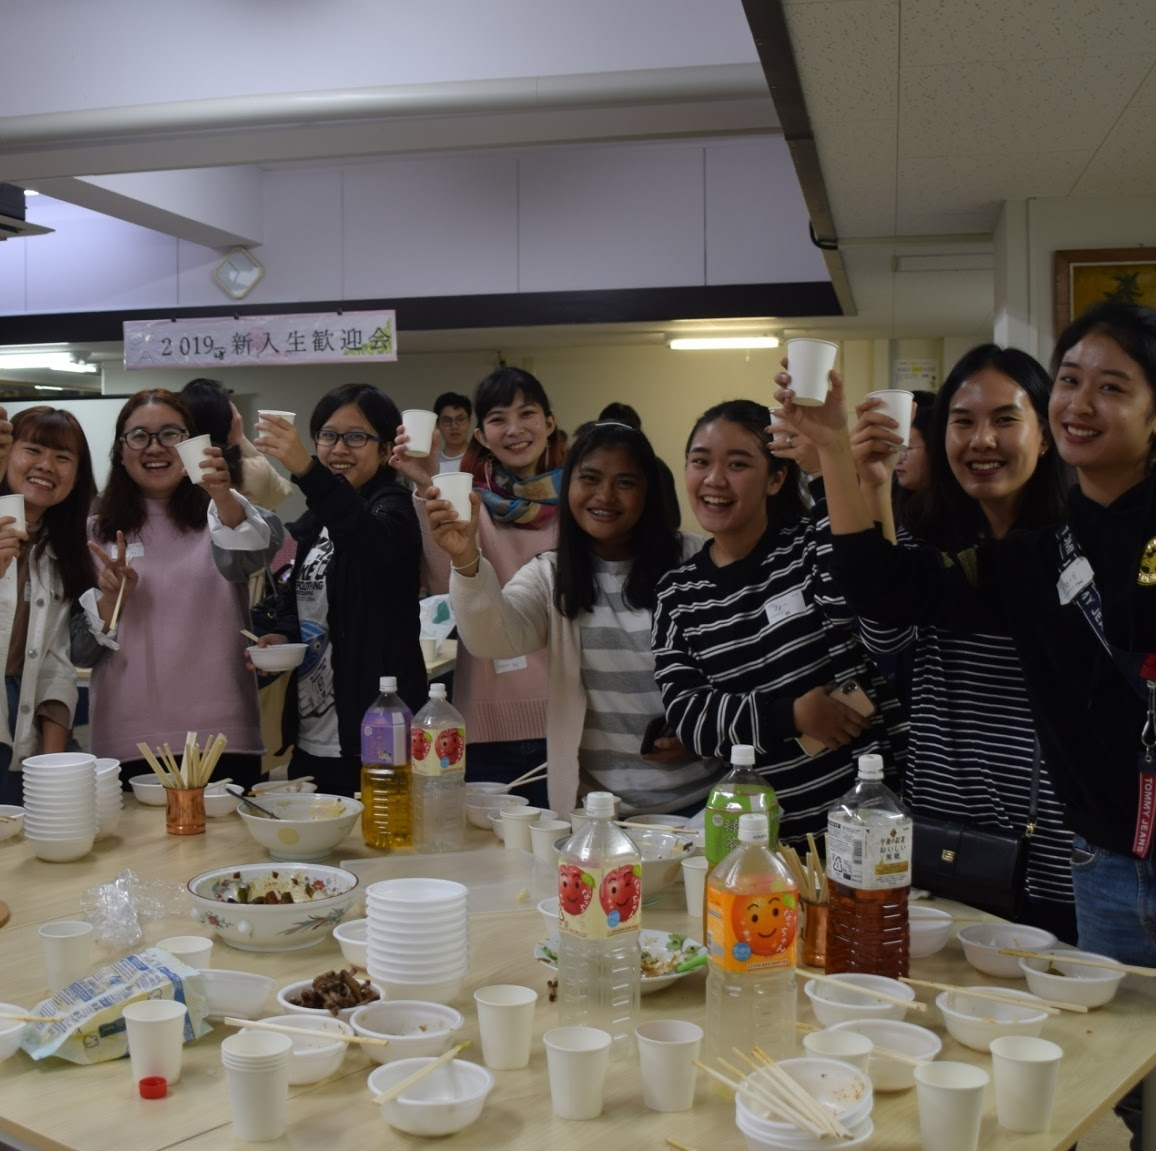 4月26日 新入生歓迎会を開催